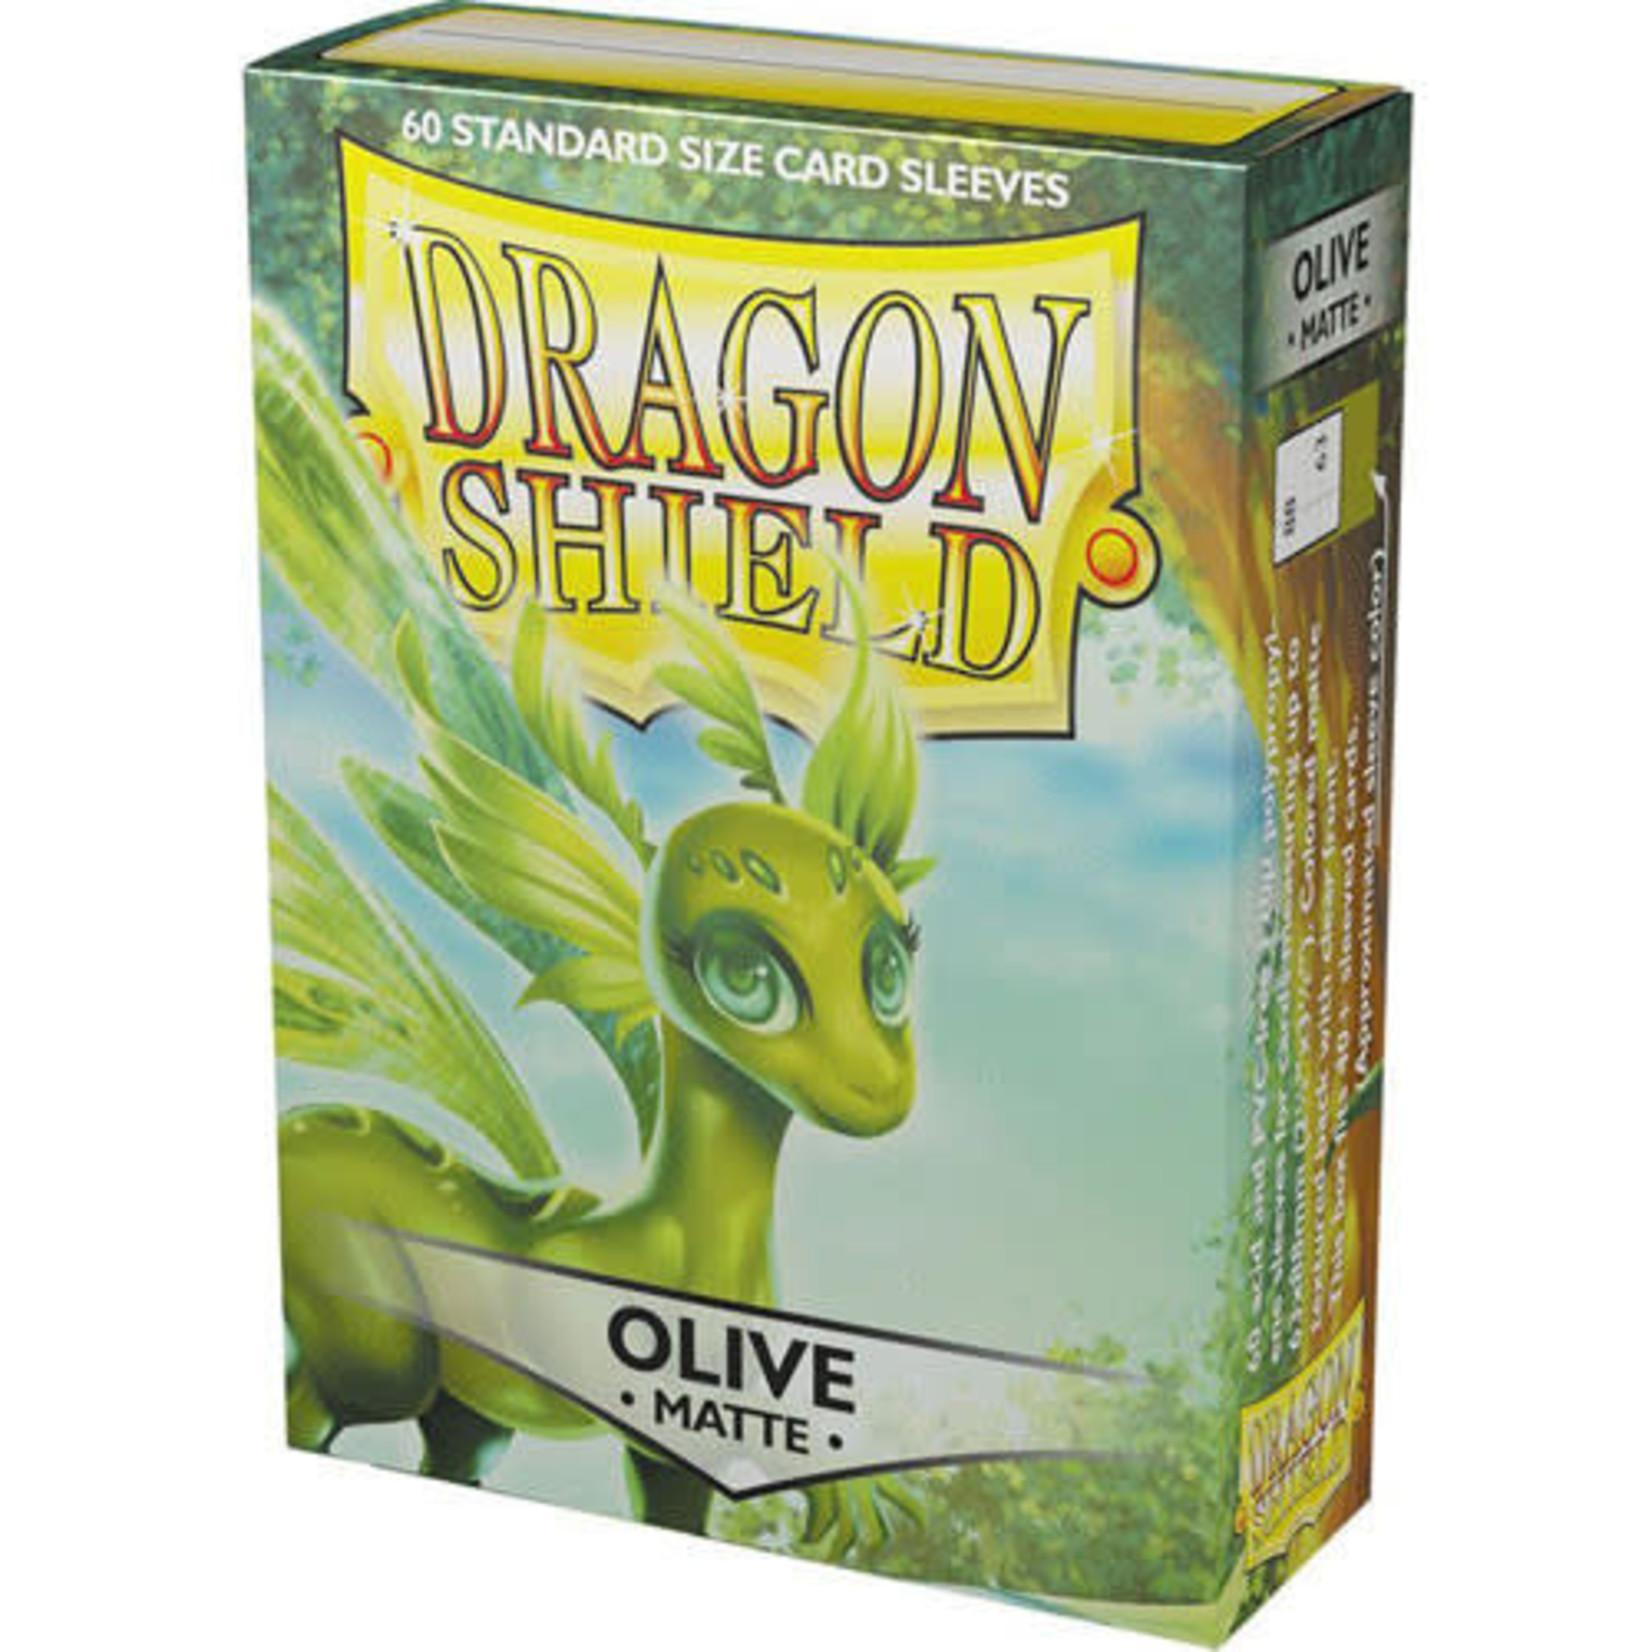 Dragon Shield Matte Olive (60 count) Small